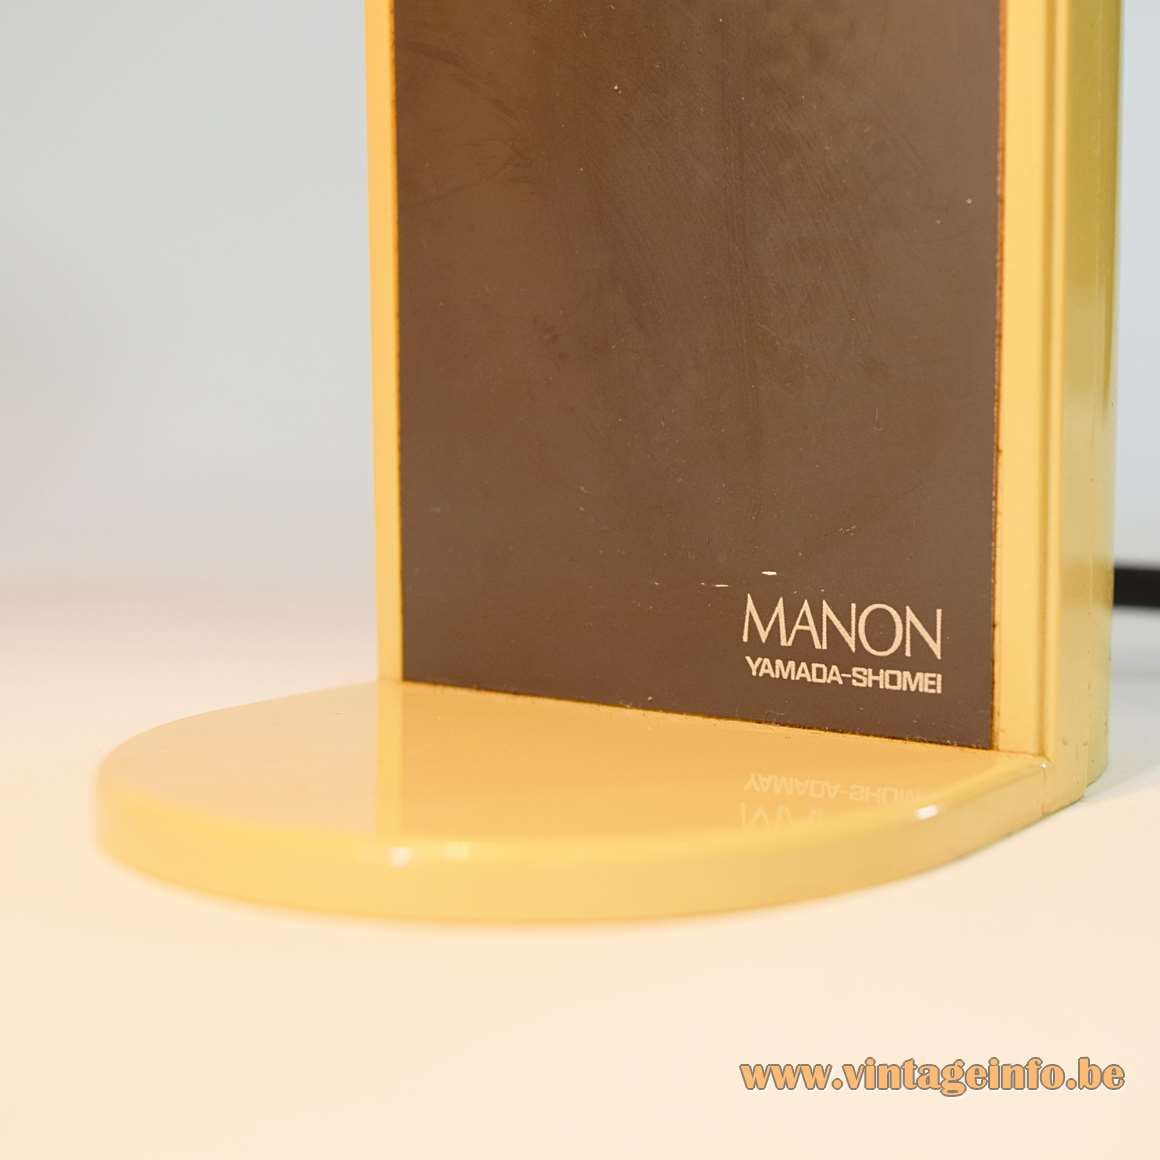 Yamada Shomei Manon foldable plastic table lamp Tronconi Fase Vrieland Happylight Fischer Leuchten Massive MCM